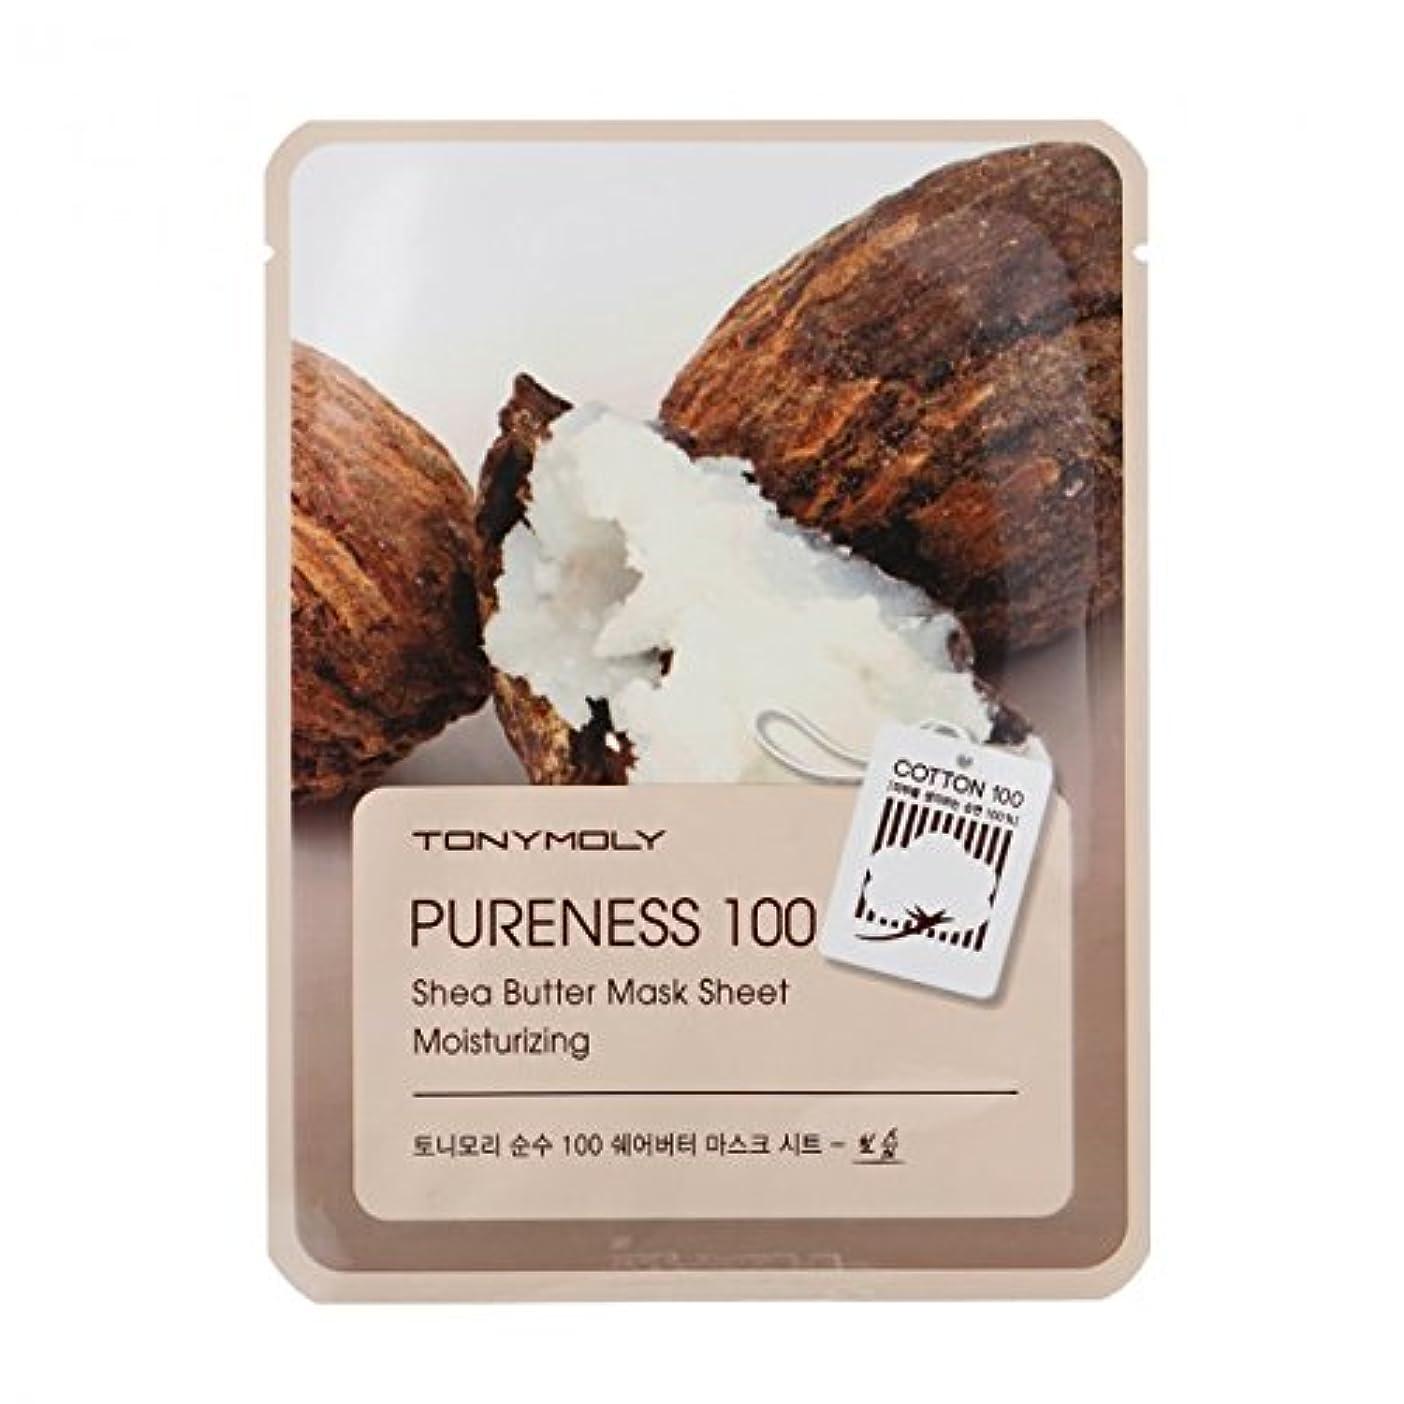 まろやかな風社会科(3 Pack) TONYMOLY Pureness 100 Shea Butter Mask Sheet Moisturizing (並行輸入品)